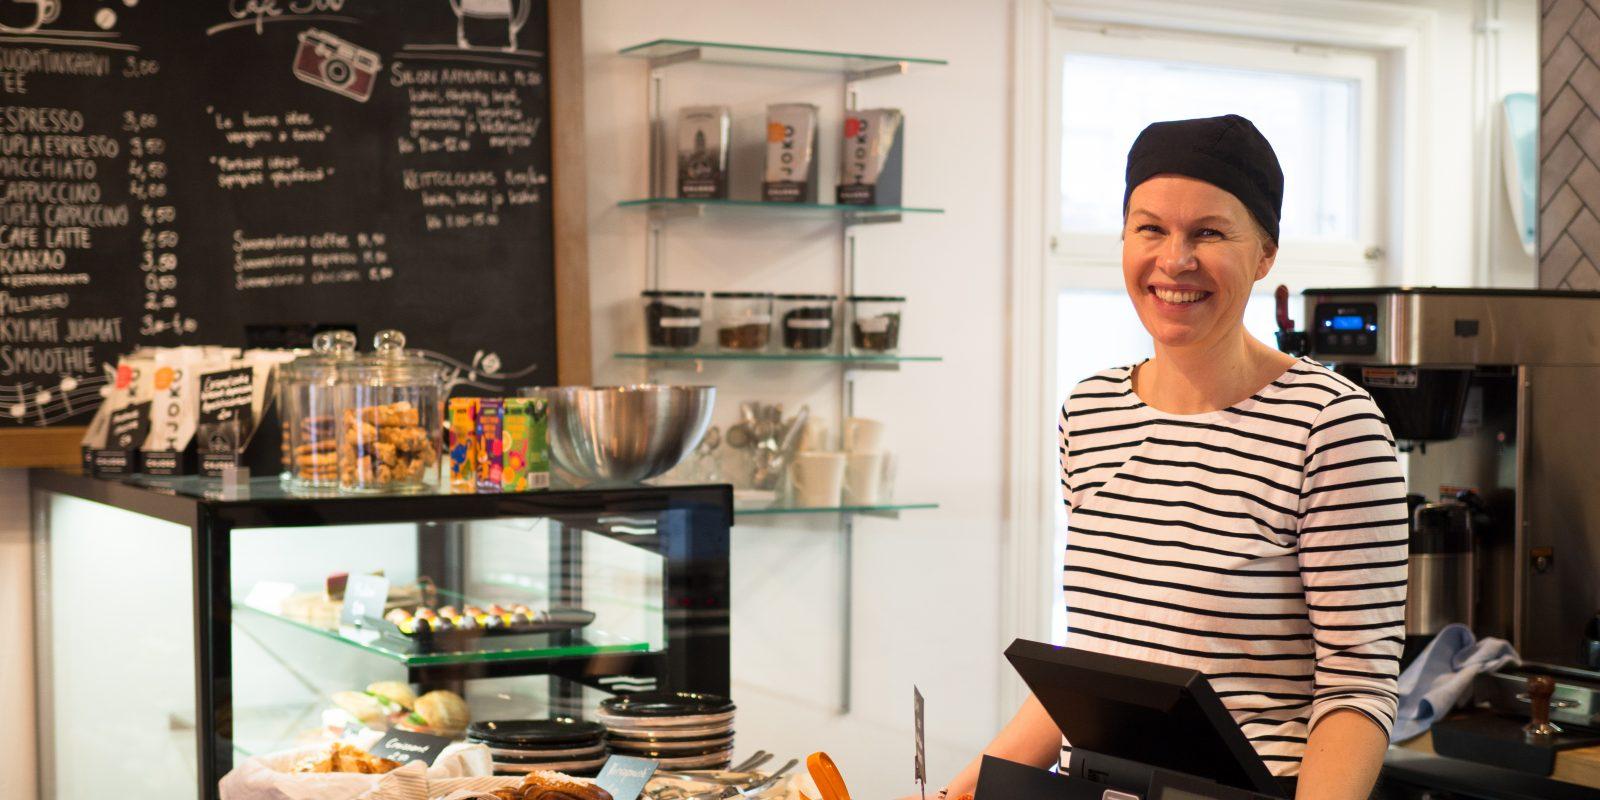 Kuvassa Cafe Silon henkilökuntaa joka hymyilee kameralle tiskin takana.